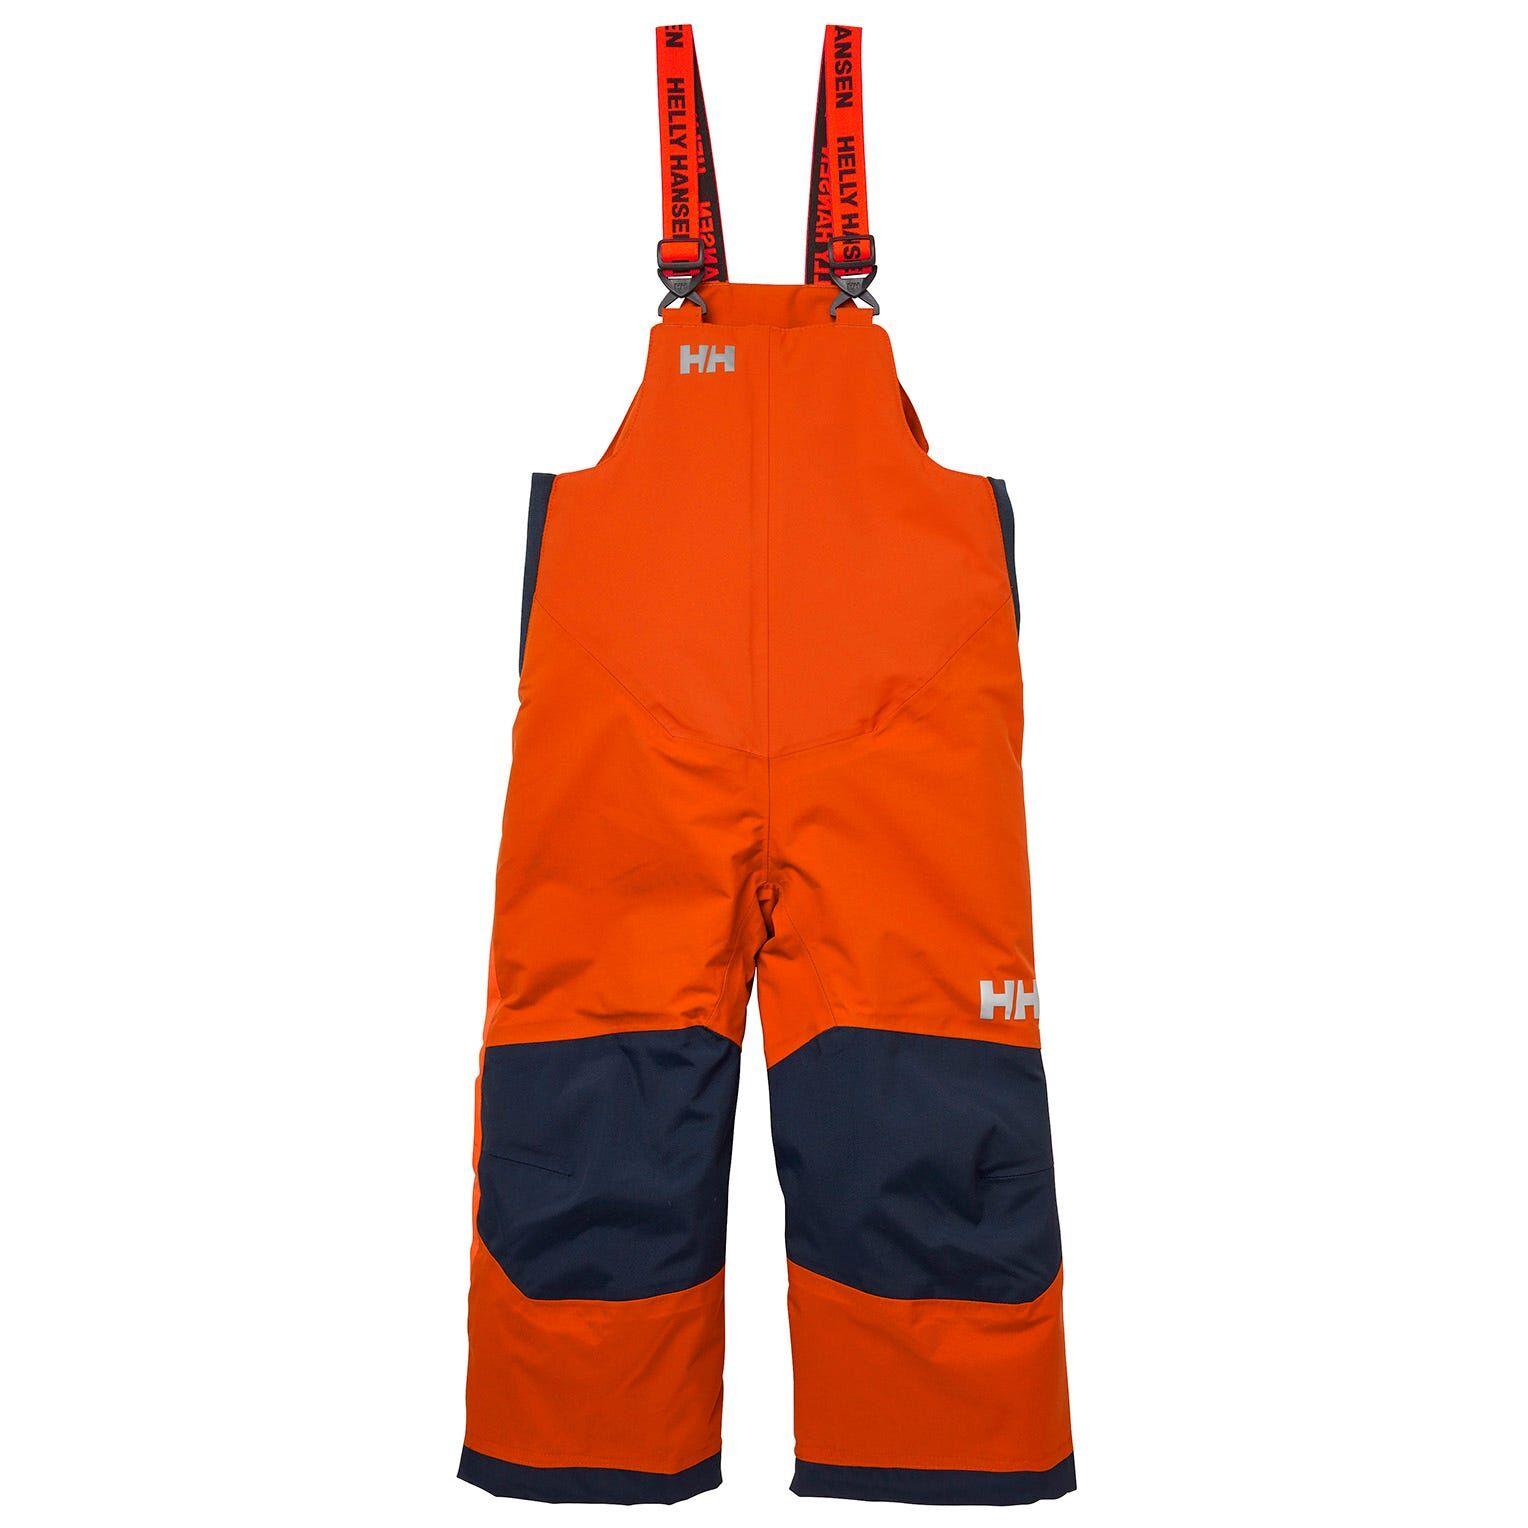 Helly Hansen Kids Rider 2 Insulated Bib Orange 98/3